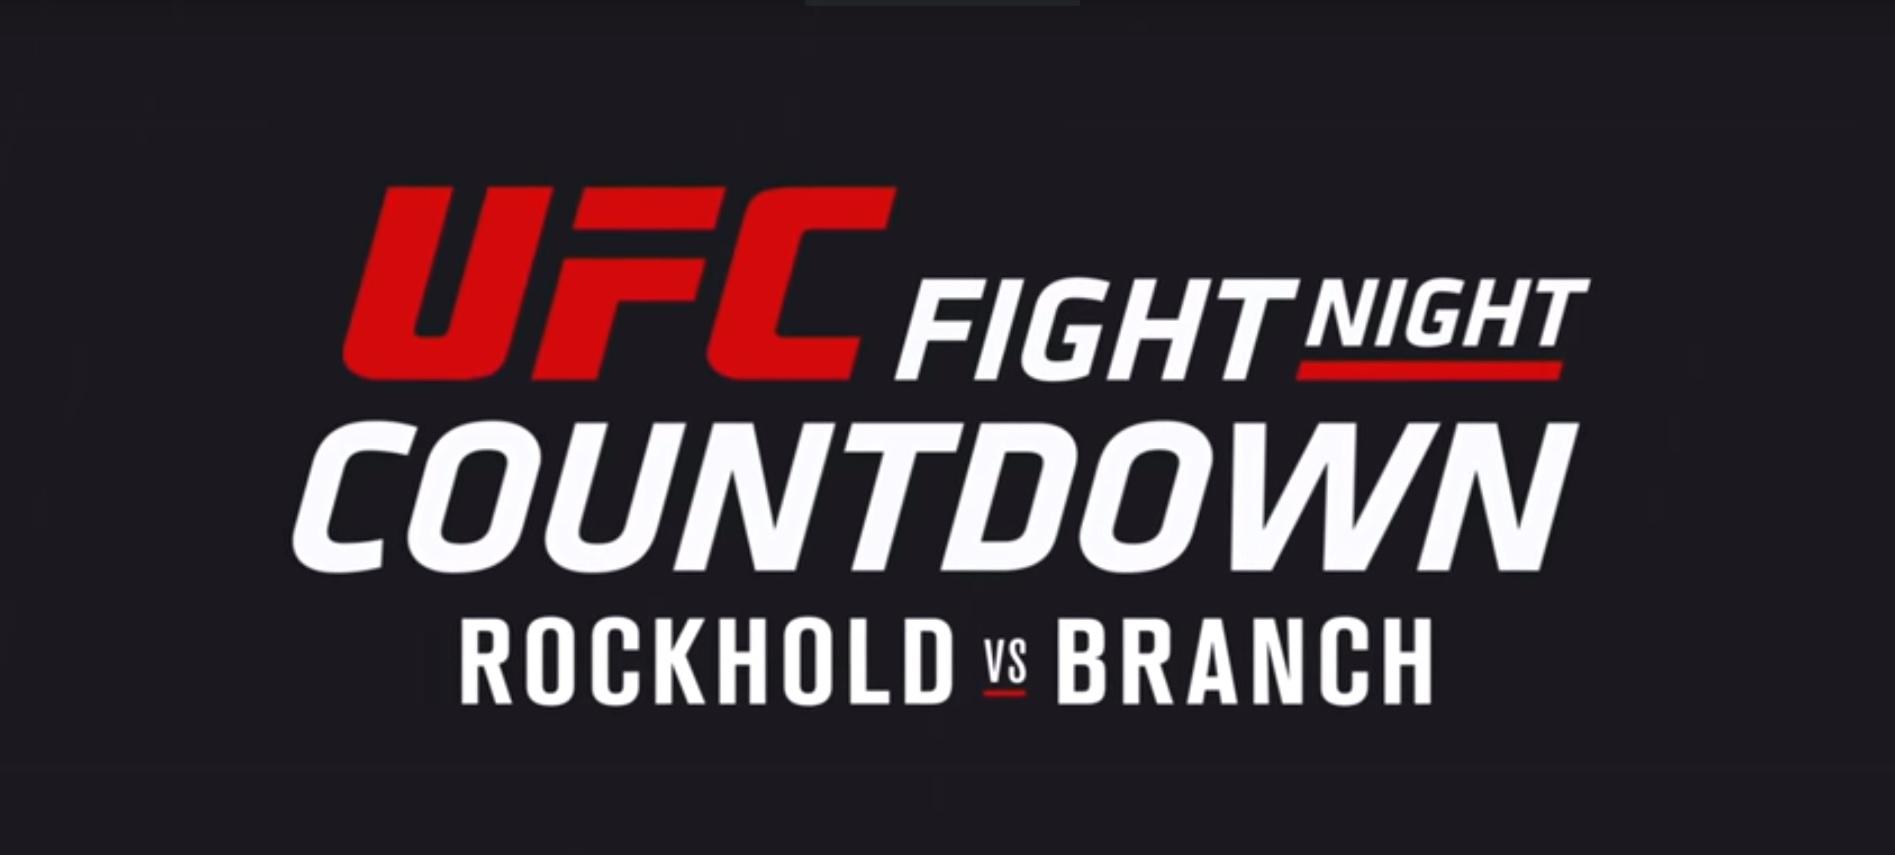 ufc countdown branch rockhold